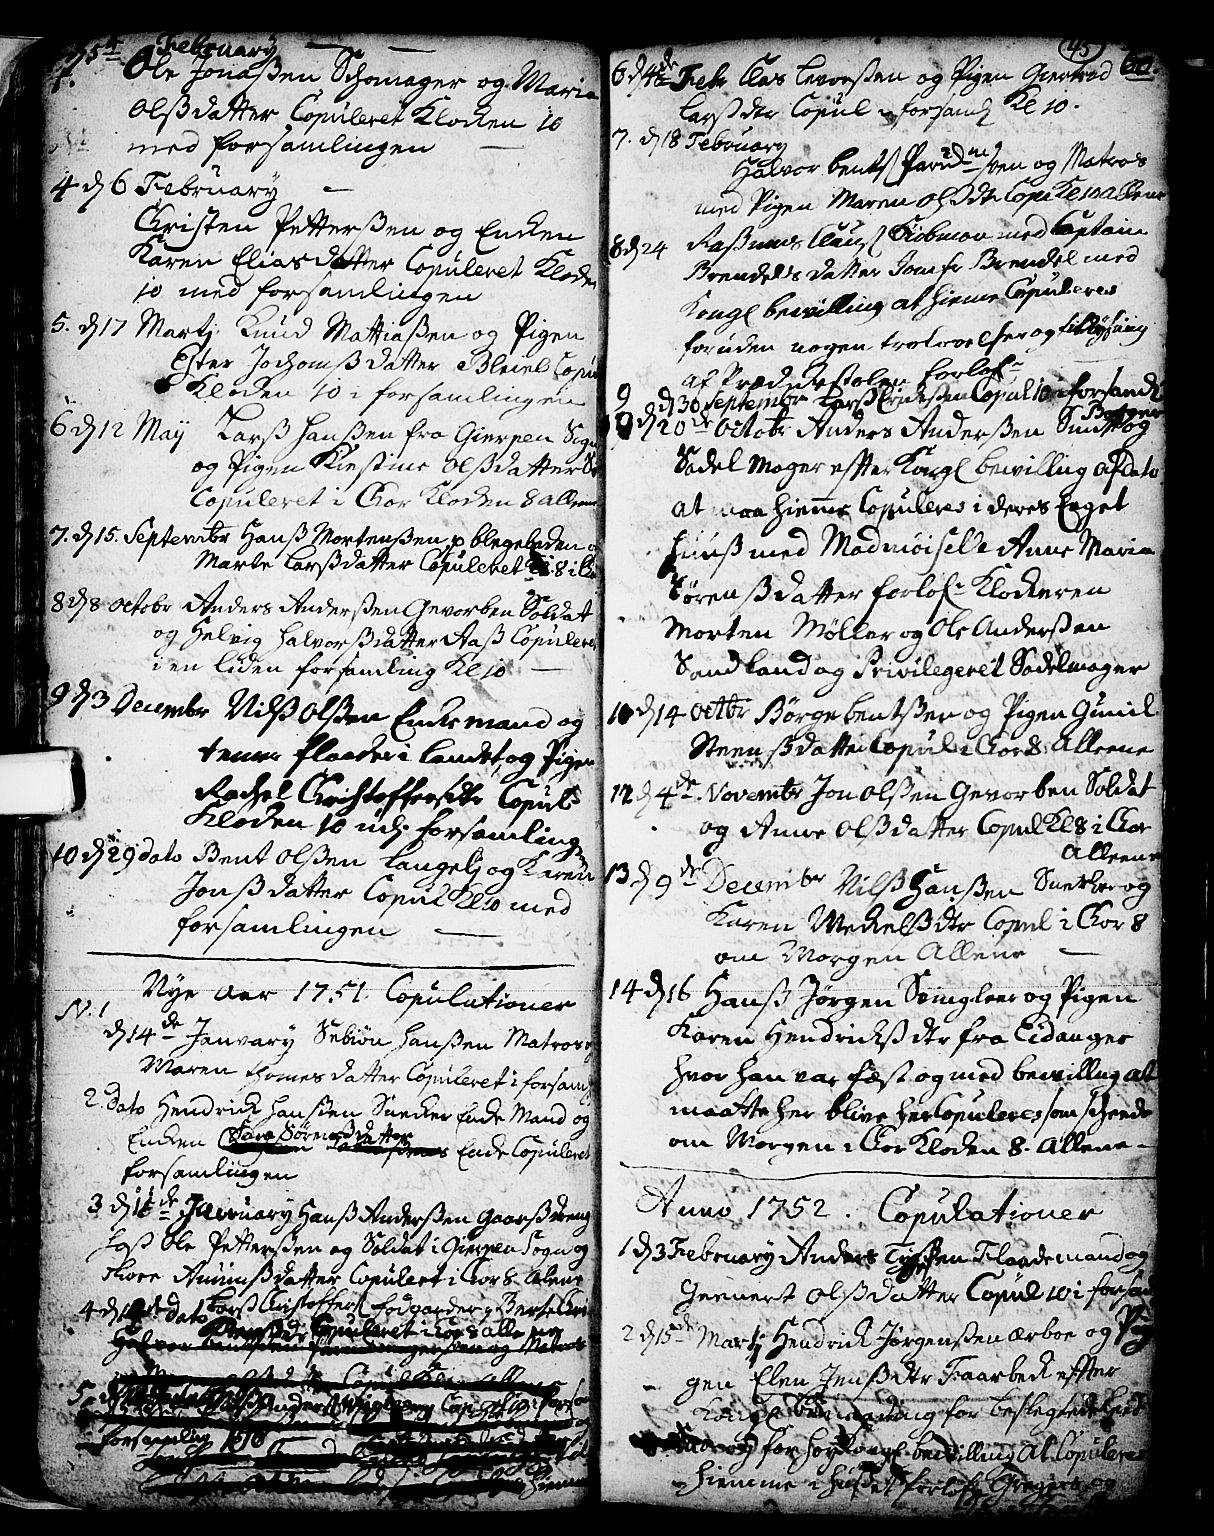 SAKO, Skien kirkebøker, F/Fa/L0002: Ministerialbok nr. 2, 1716-1757, s. 45